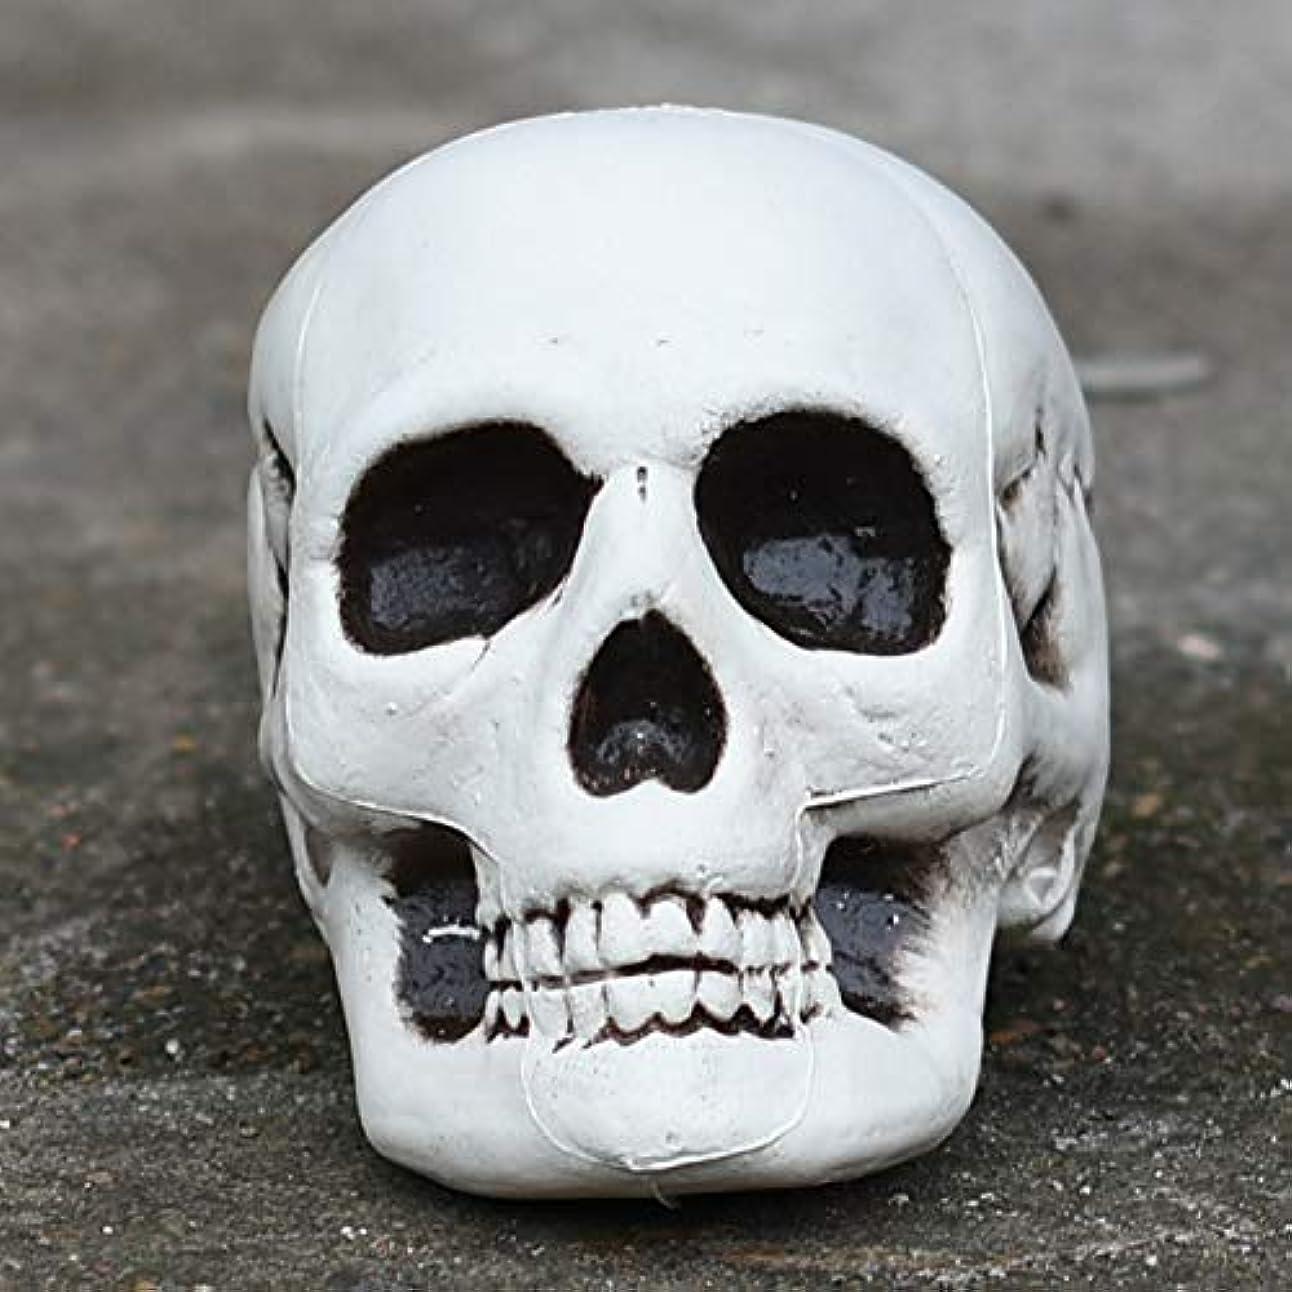 サーバ原因スタイルETRRUU HOME デッドトゥースハロウィン小道具バーお化け屋敷秘密の部屋スカル装飾品シミュレーション骨モデル